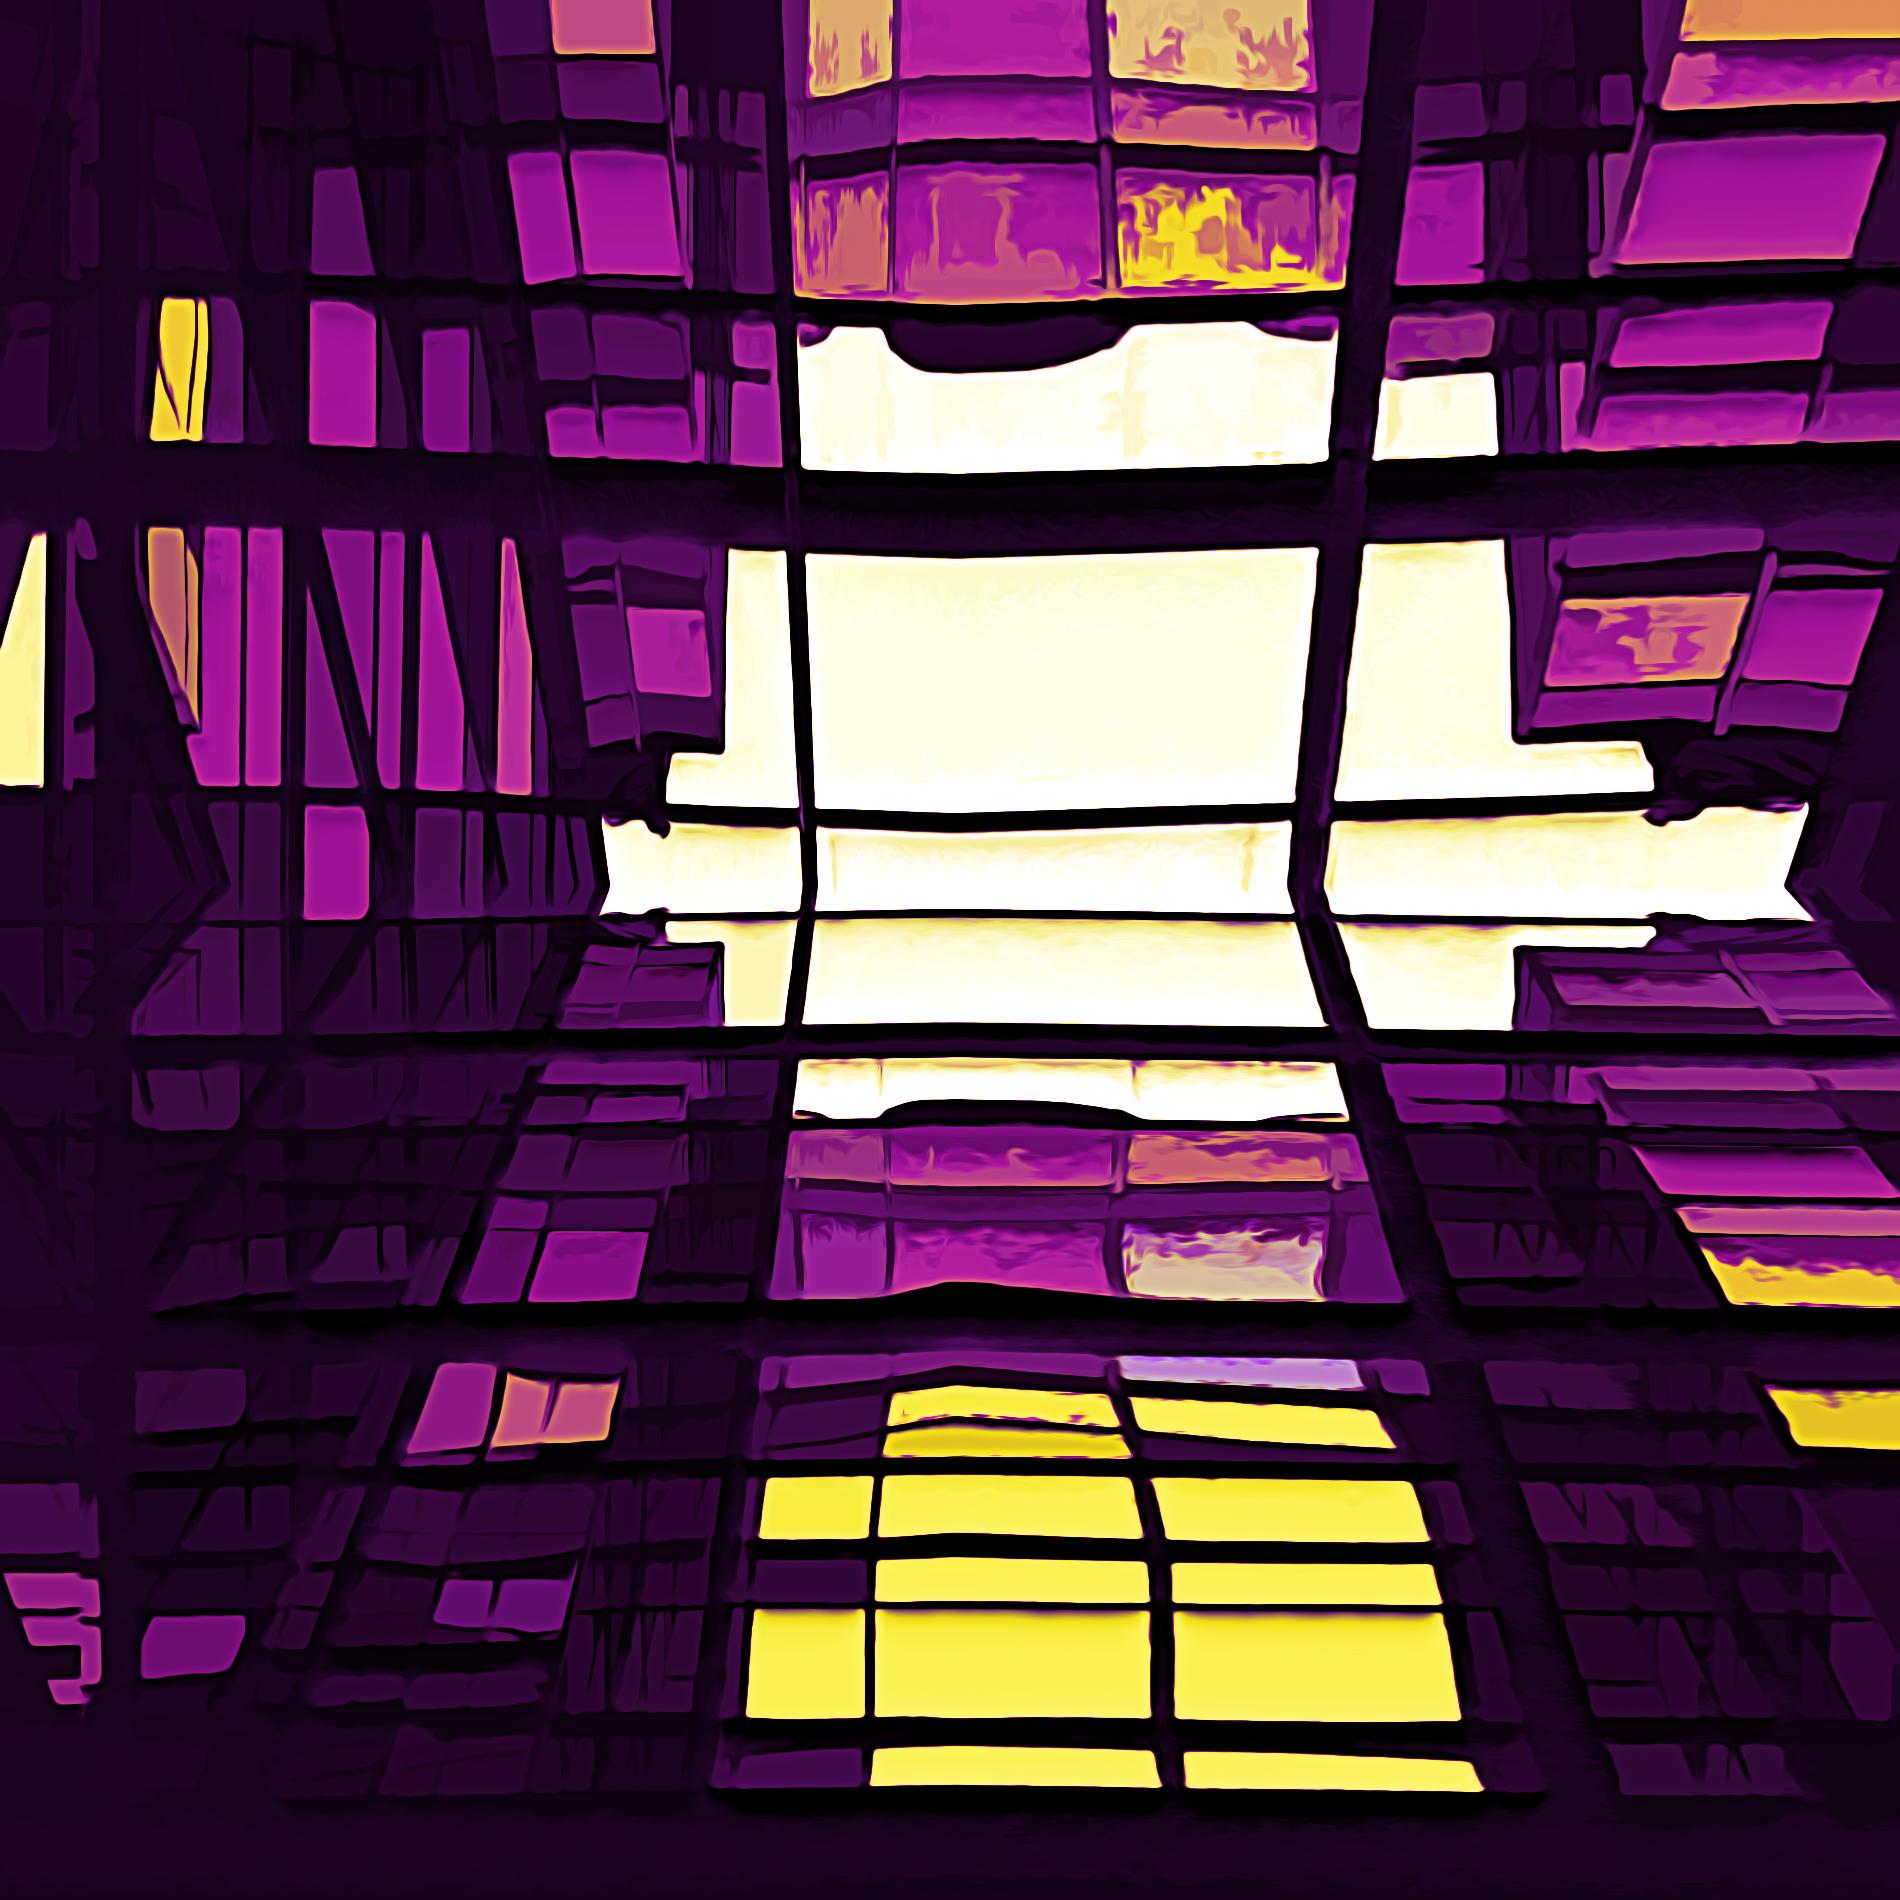 抽象絵画の色彩と三原色の芸術パターン:シュール